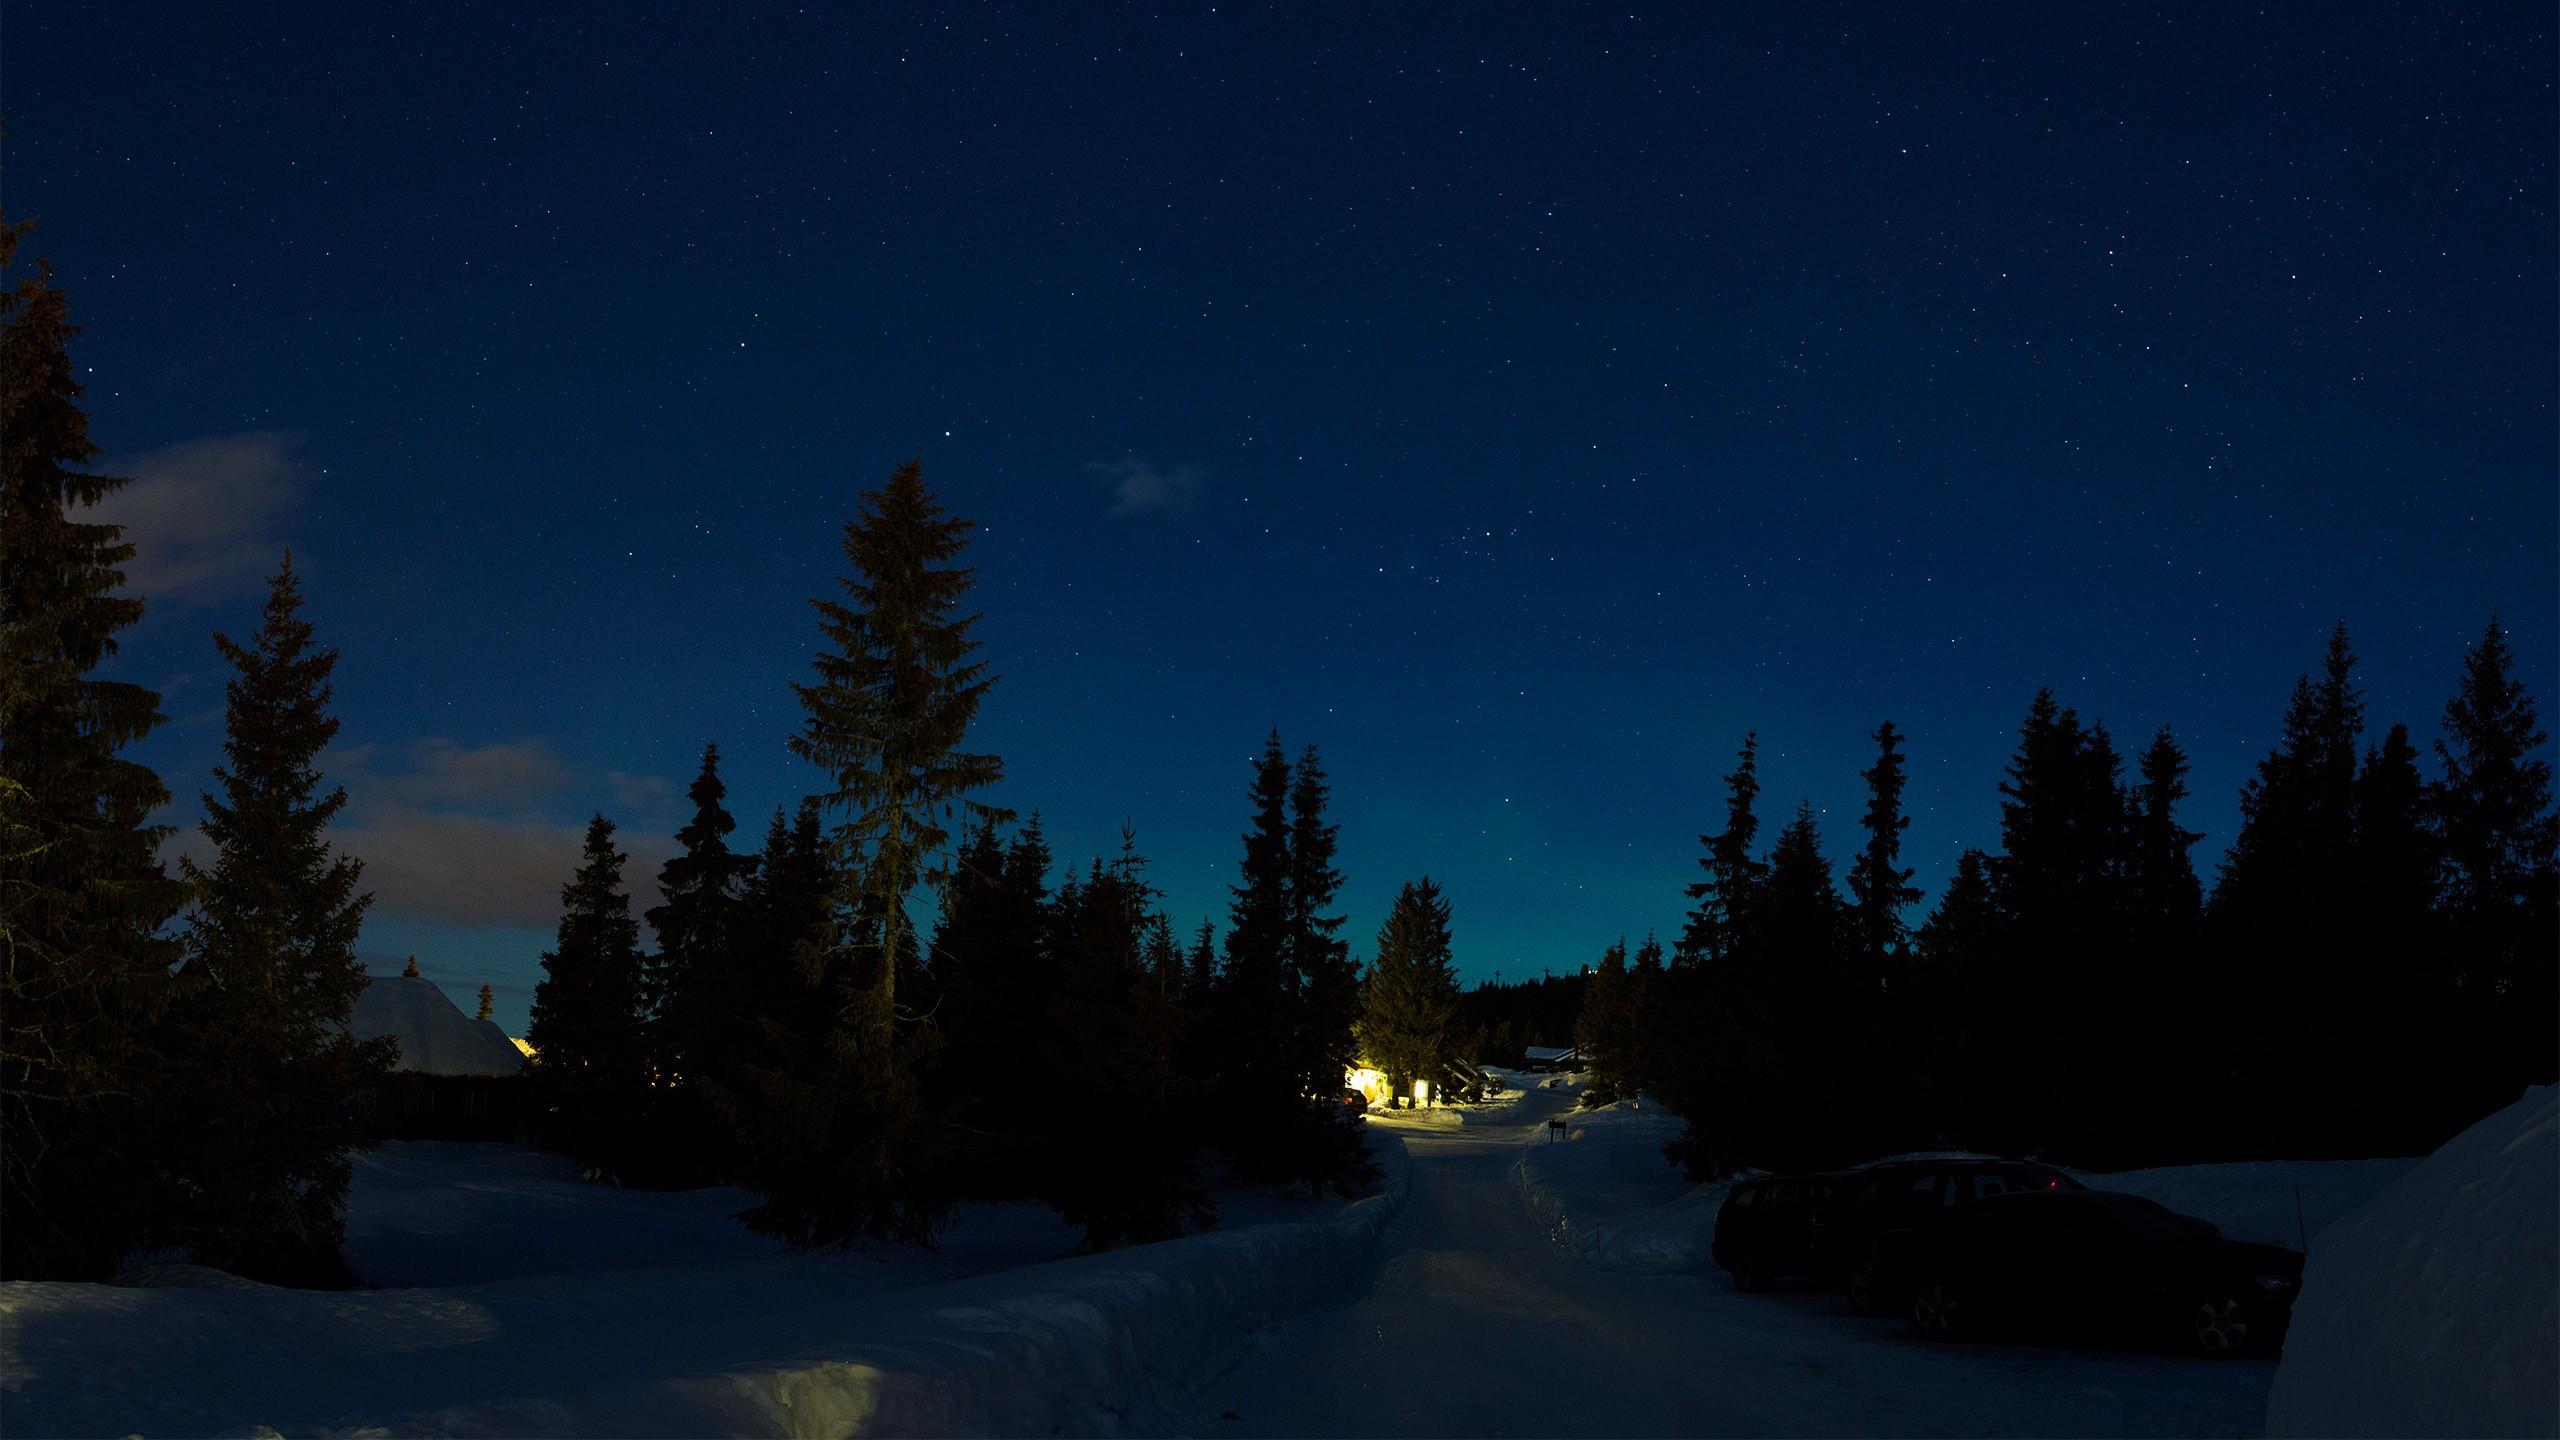 Зимняя ночь картинки красивые и удивительные - подборка 20 фото 16